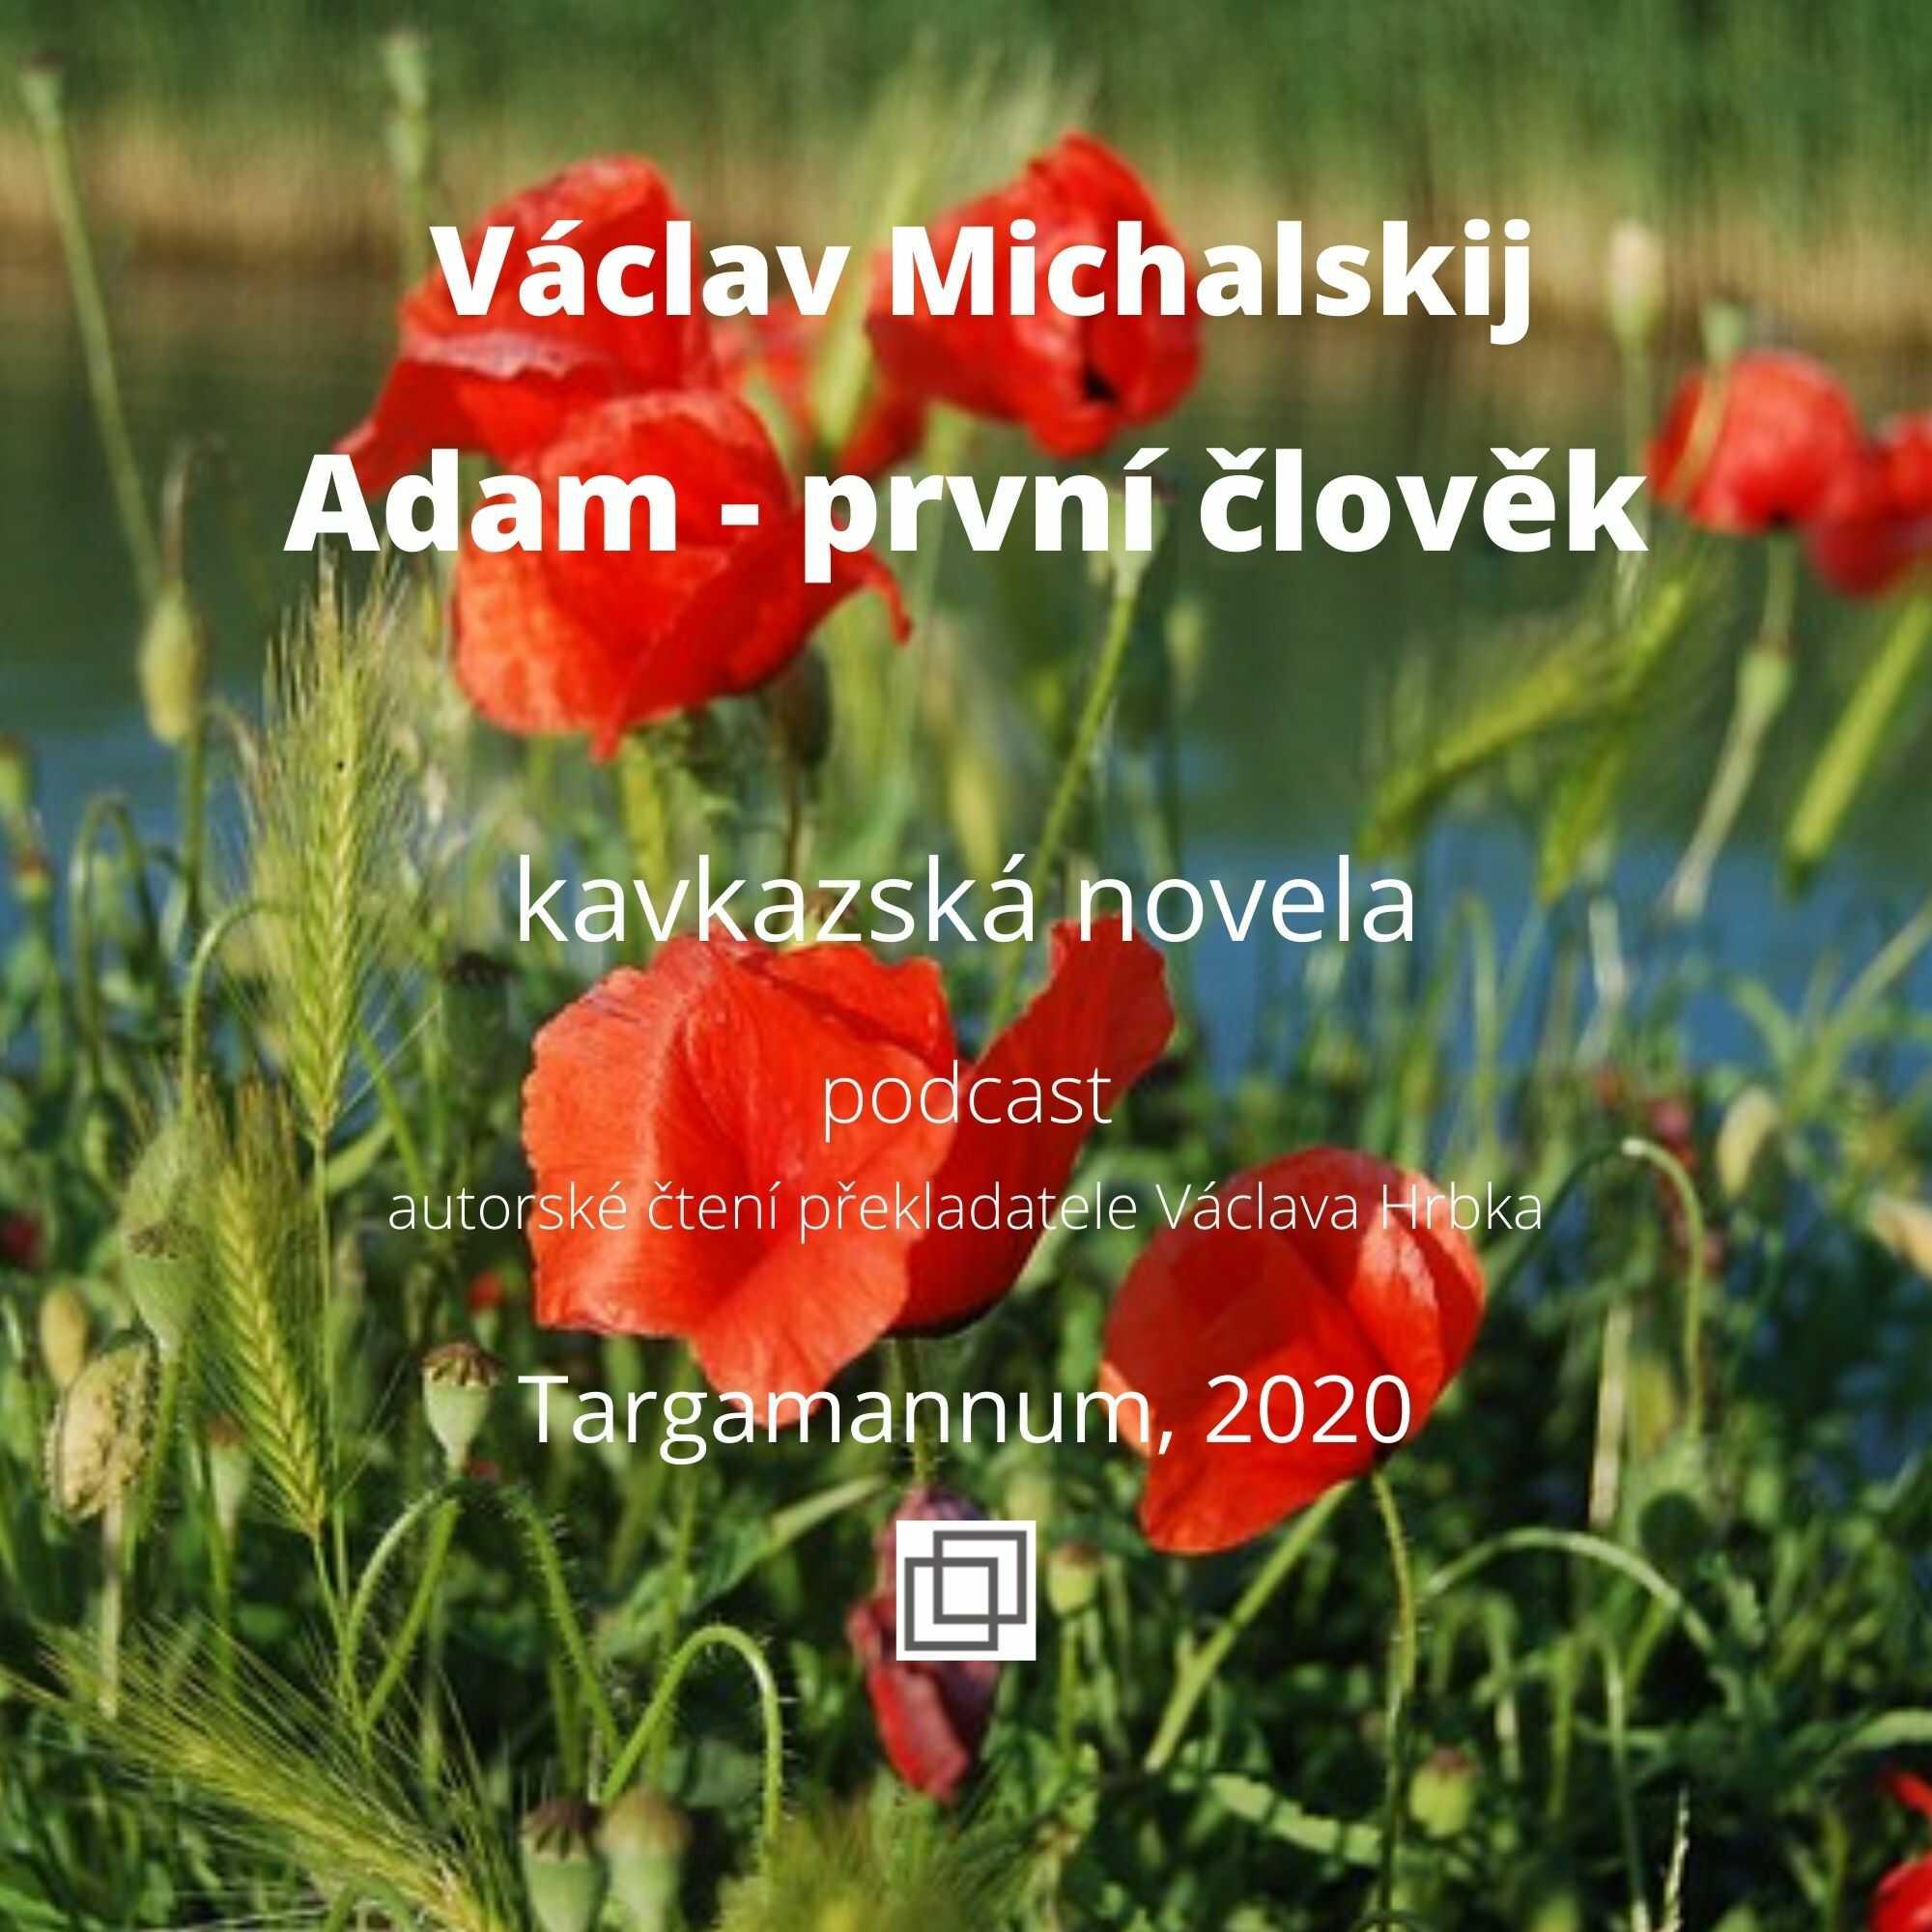 Václav Michalskij, Adam - první člověk, Targamannum 2020